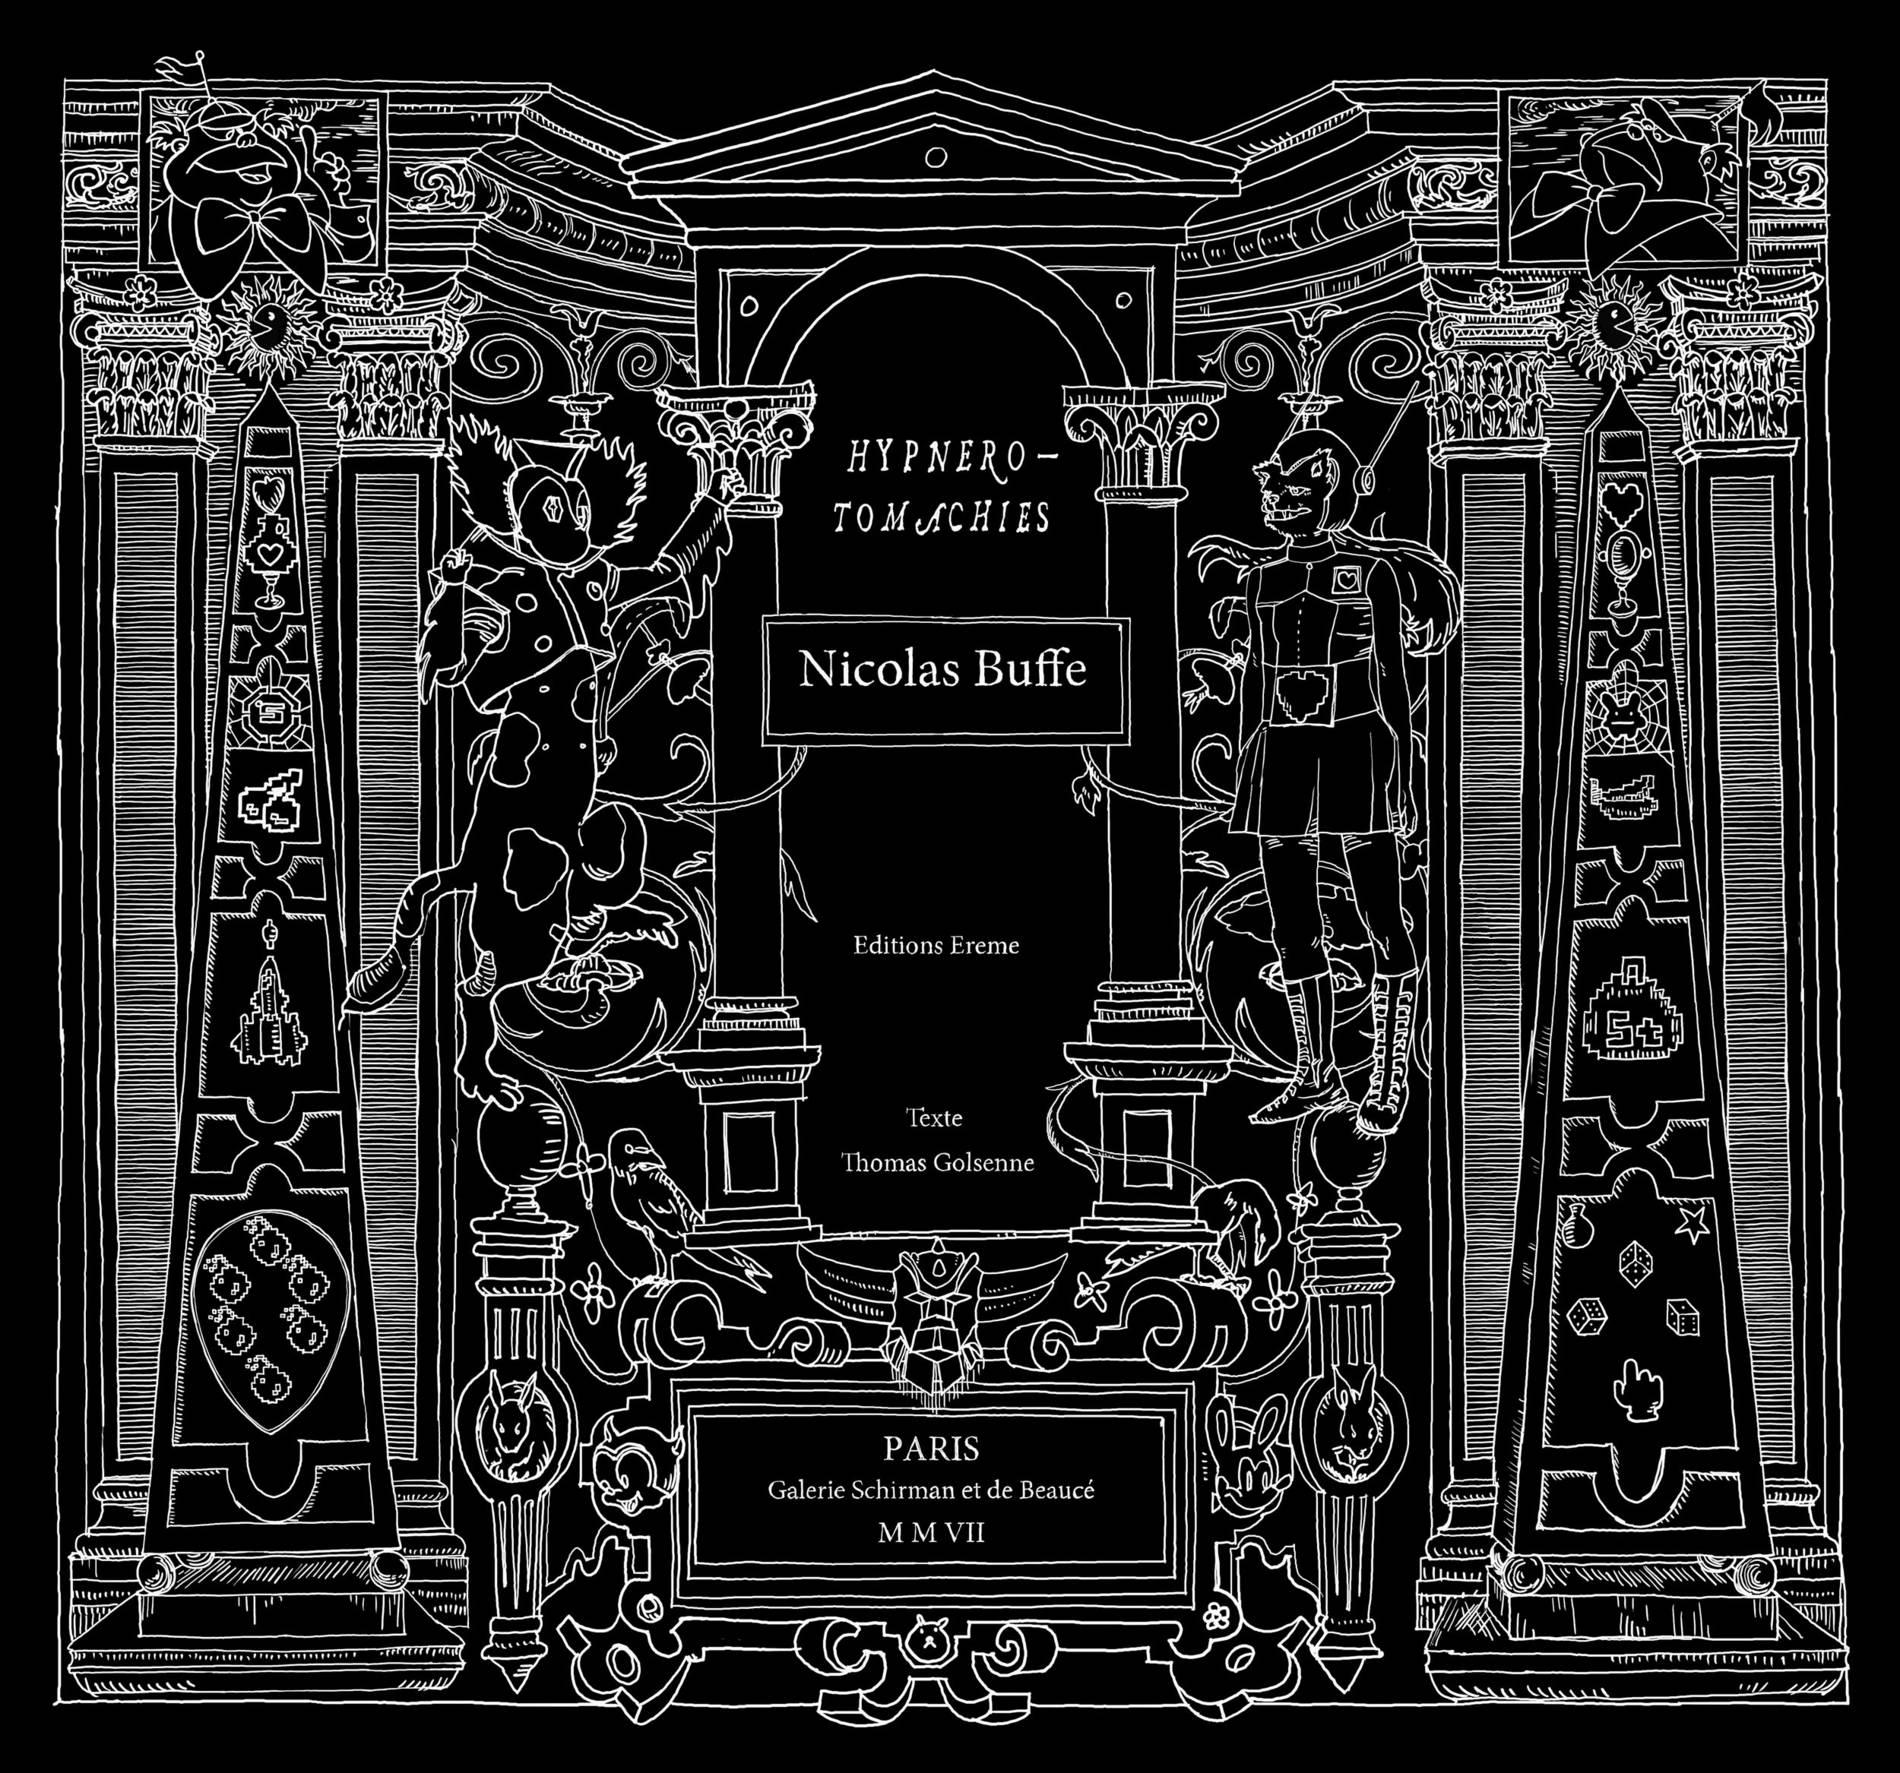 Nicolas Buffe - 2007-09 - Hypnerotomachies - Catalogue Cover